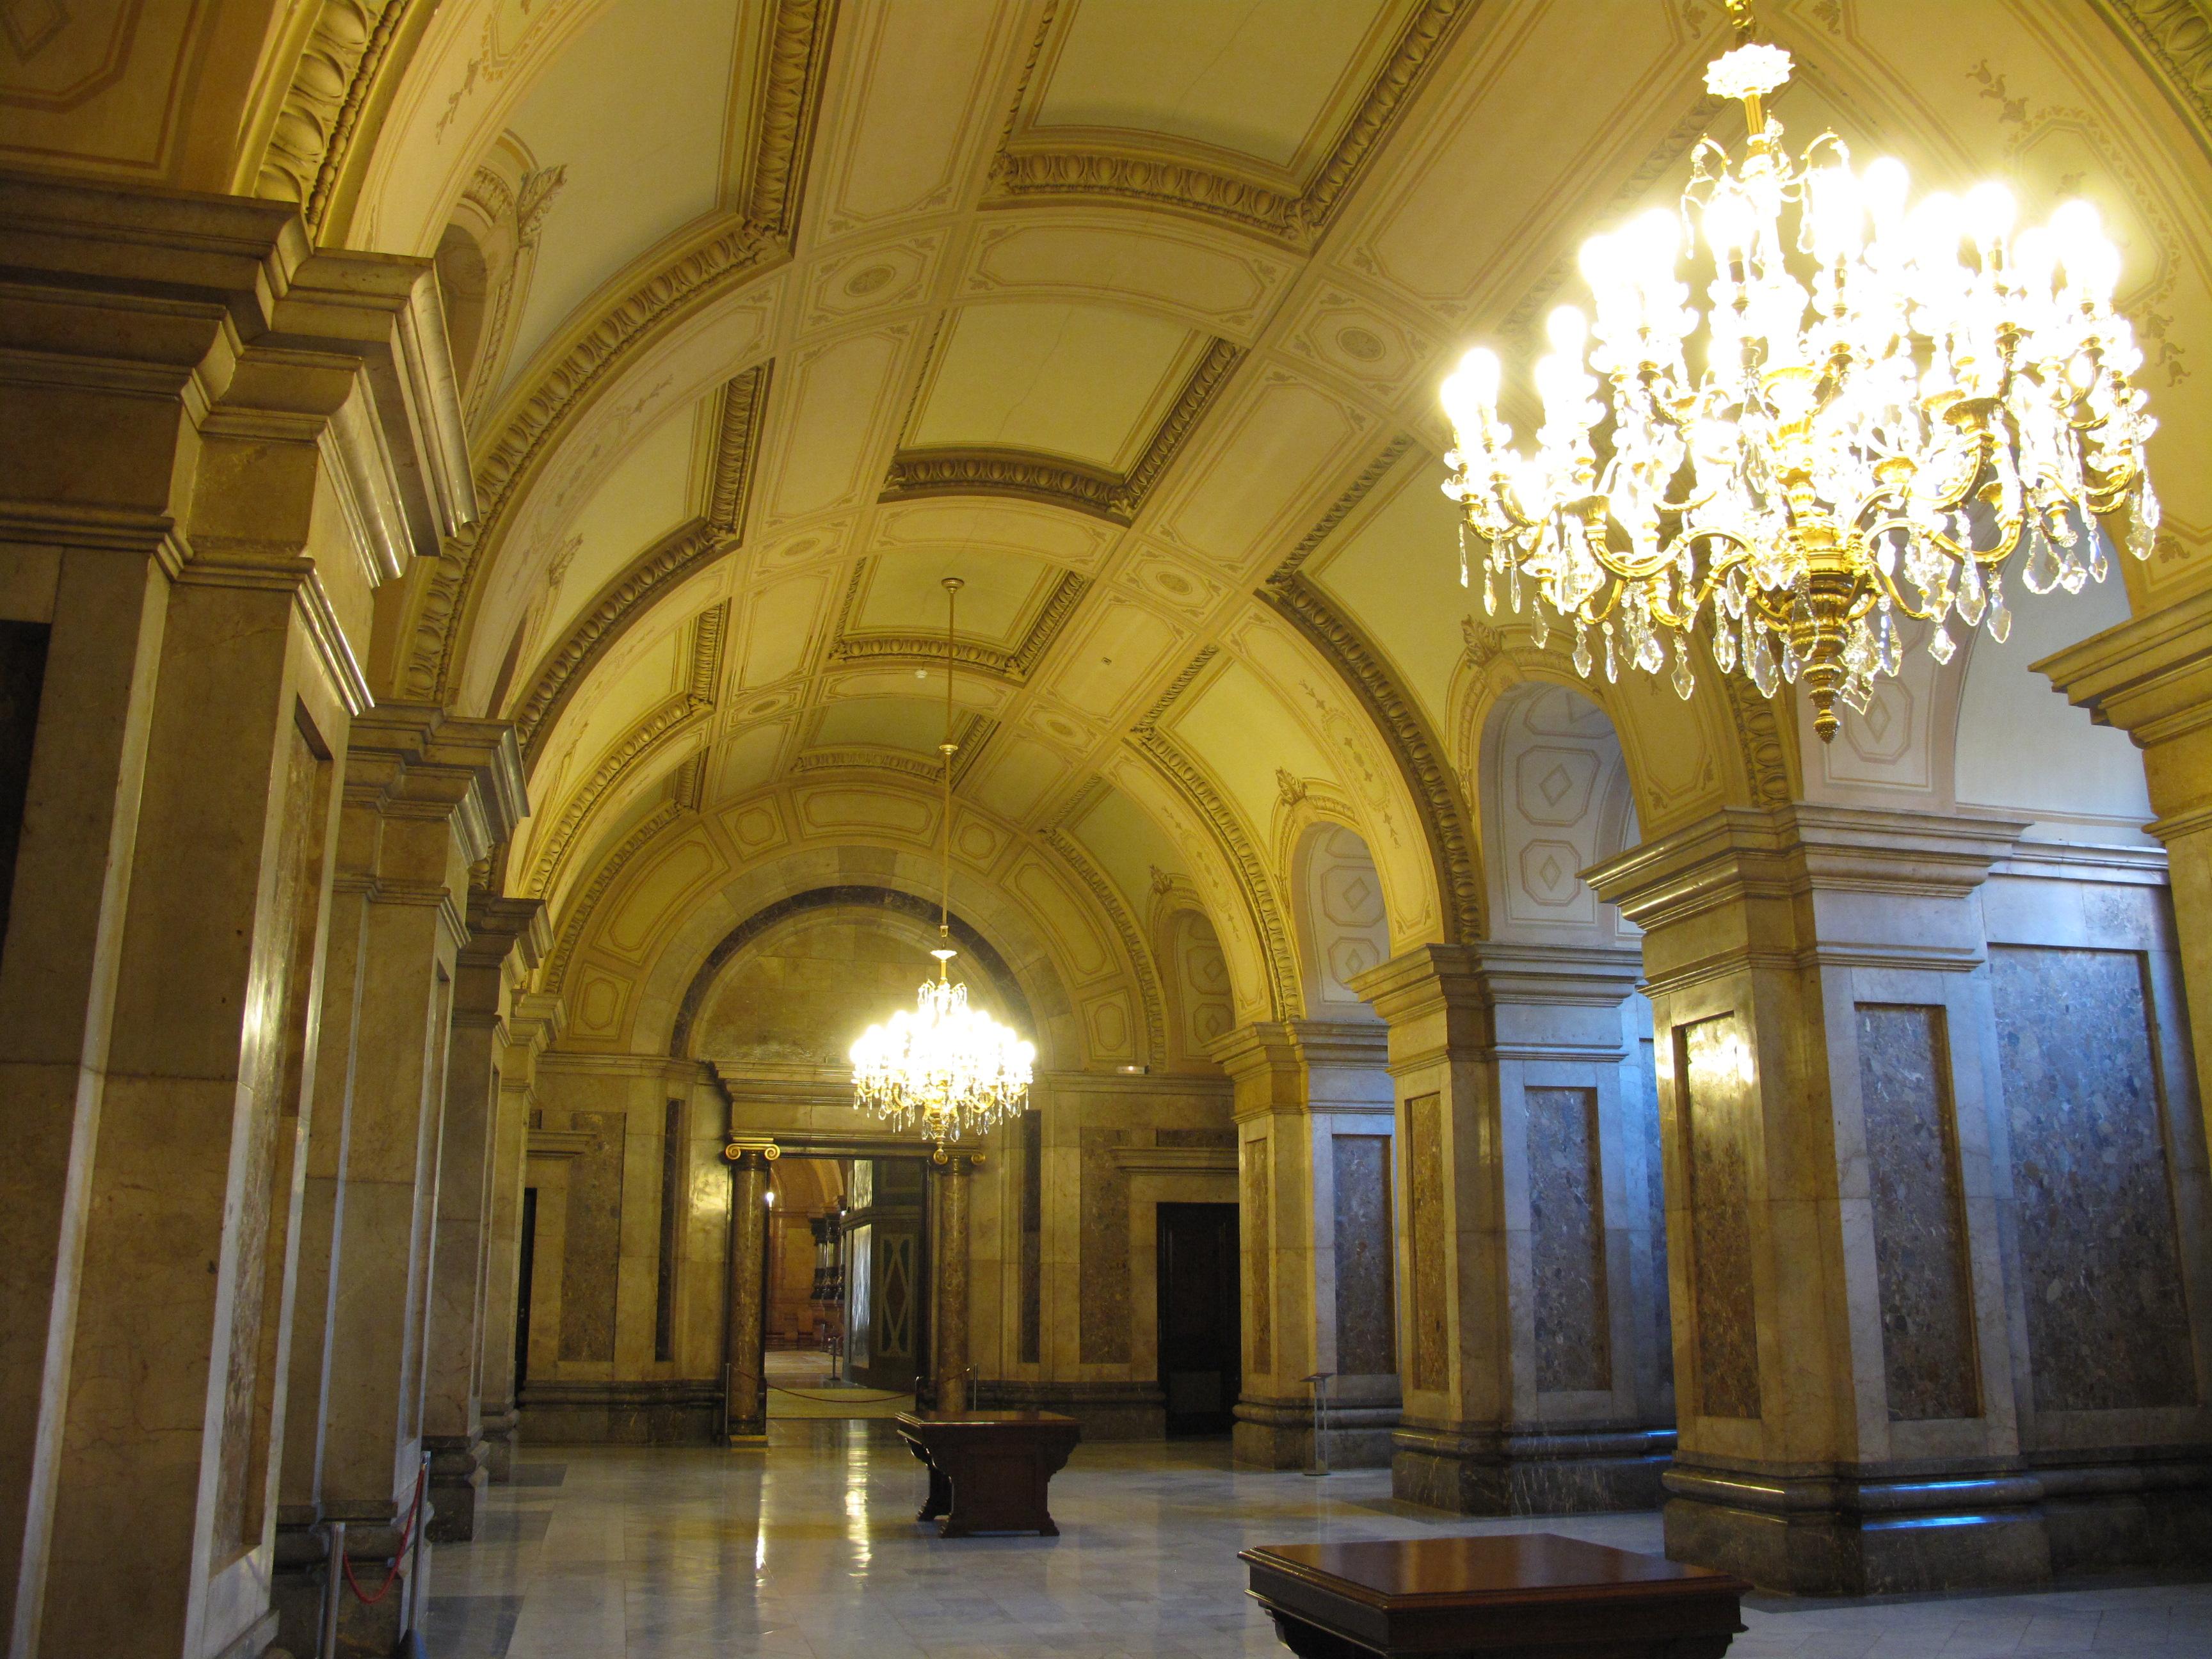 Parlament | Passadissos dels Passos Perduts Parlament_de_Catalunya,_Sal%C3%B3_Gris